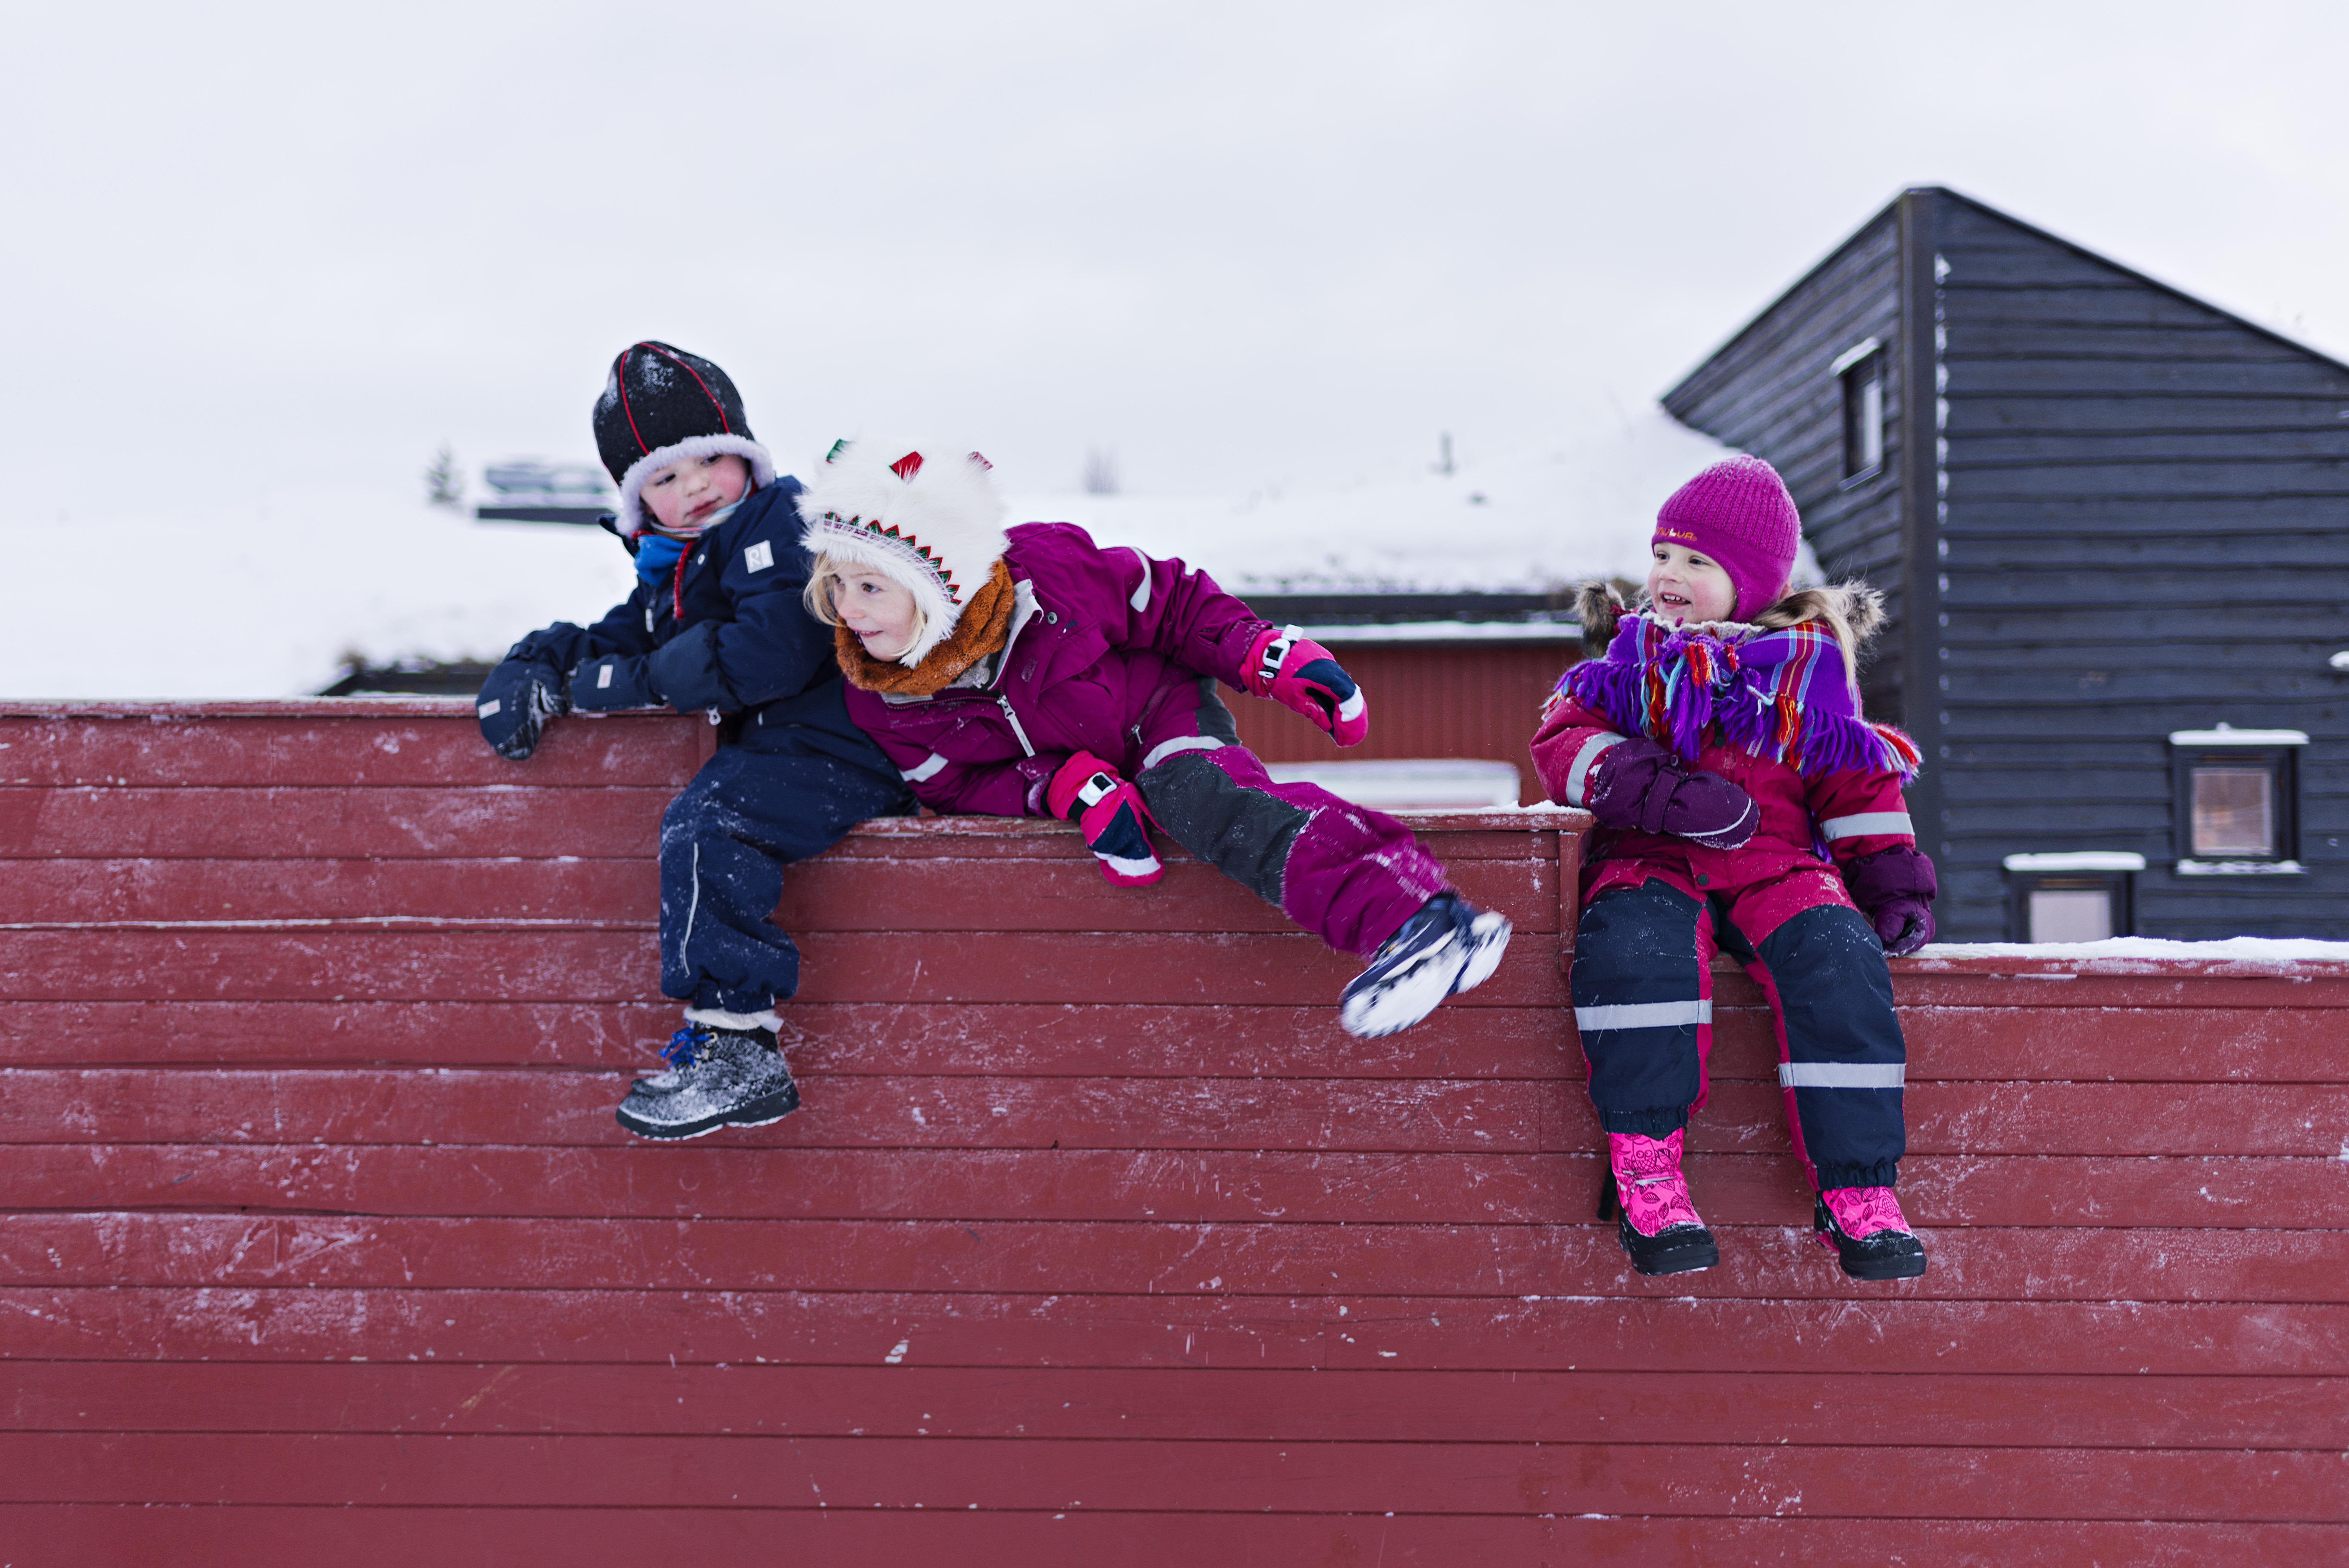 Vinterbilde med tre barnehagebarn i vinterdresser som sitter på et rødt gjerde.